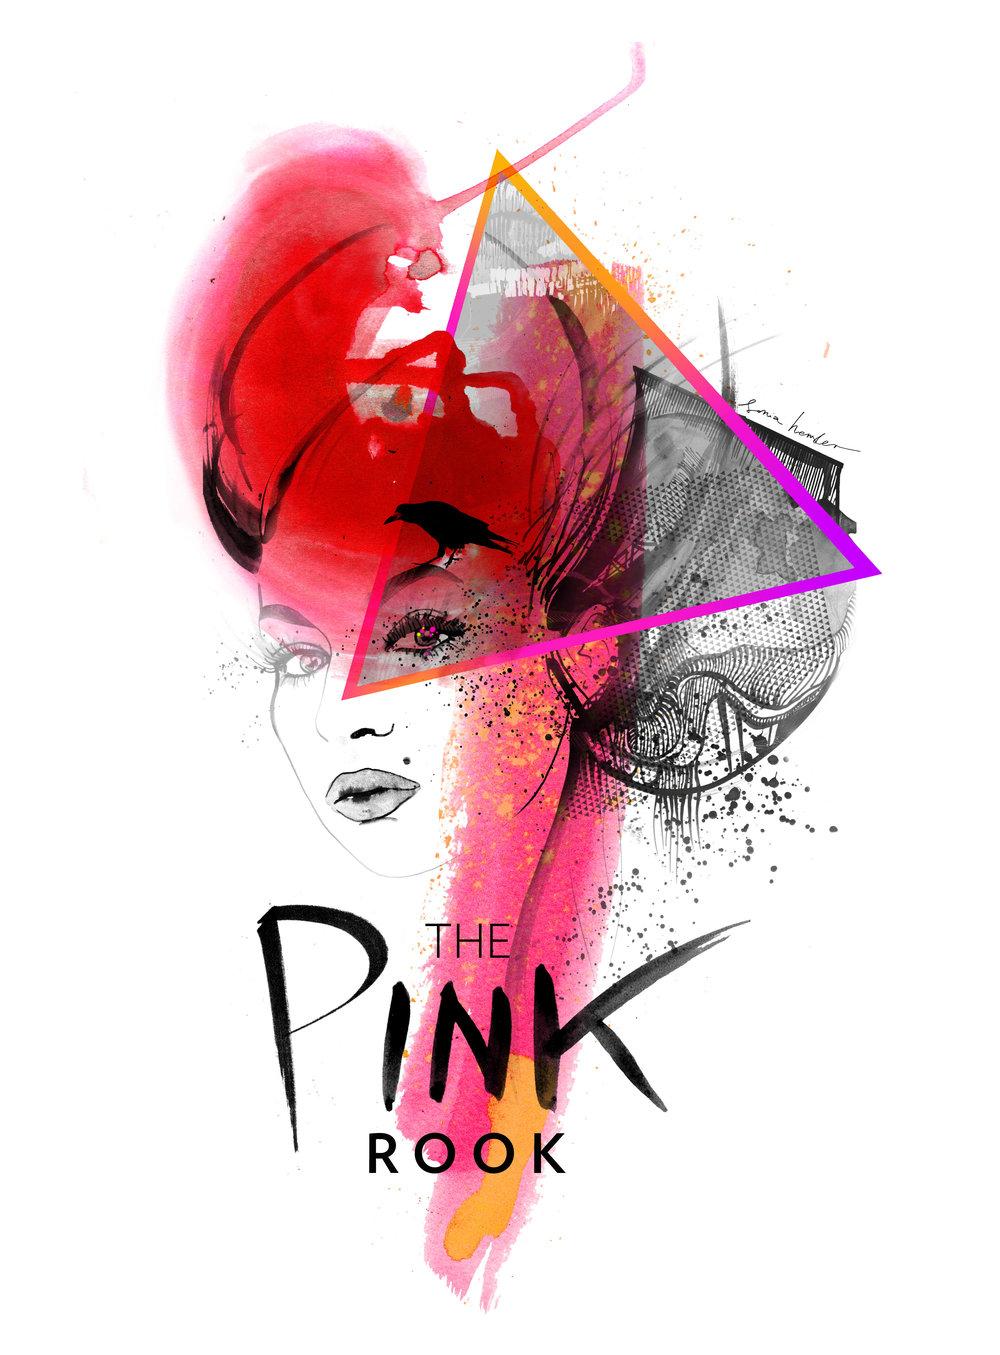 logo wykonane przez mega utalentowaną Sonia Hensler-La Punani.